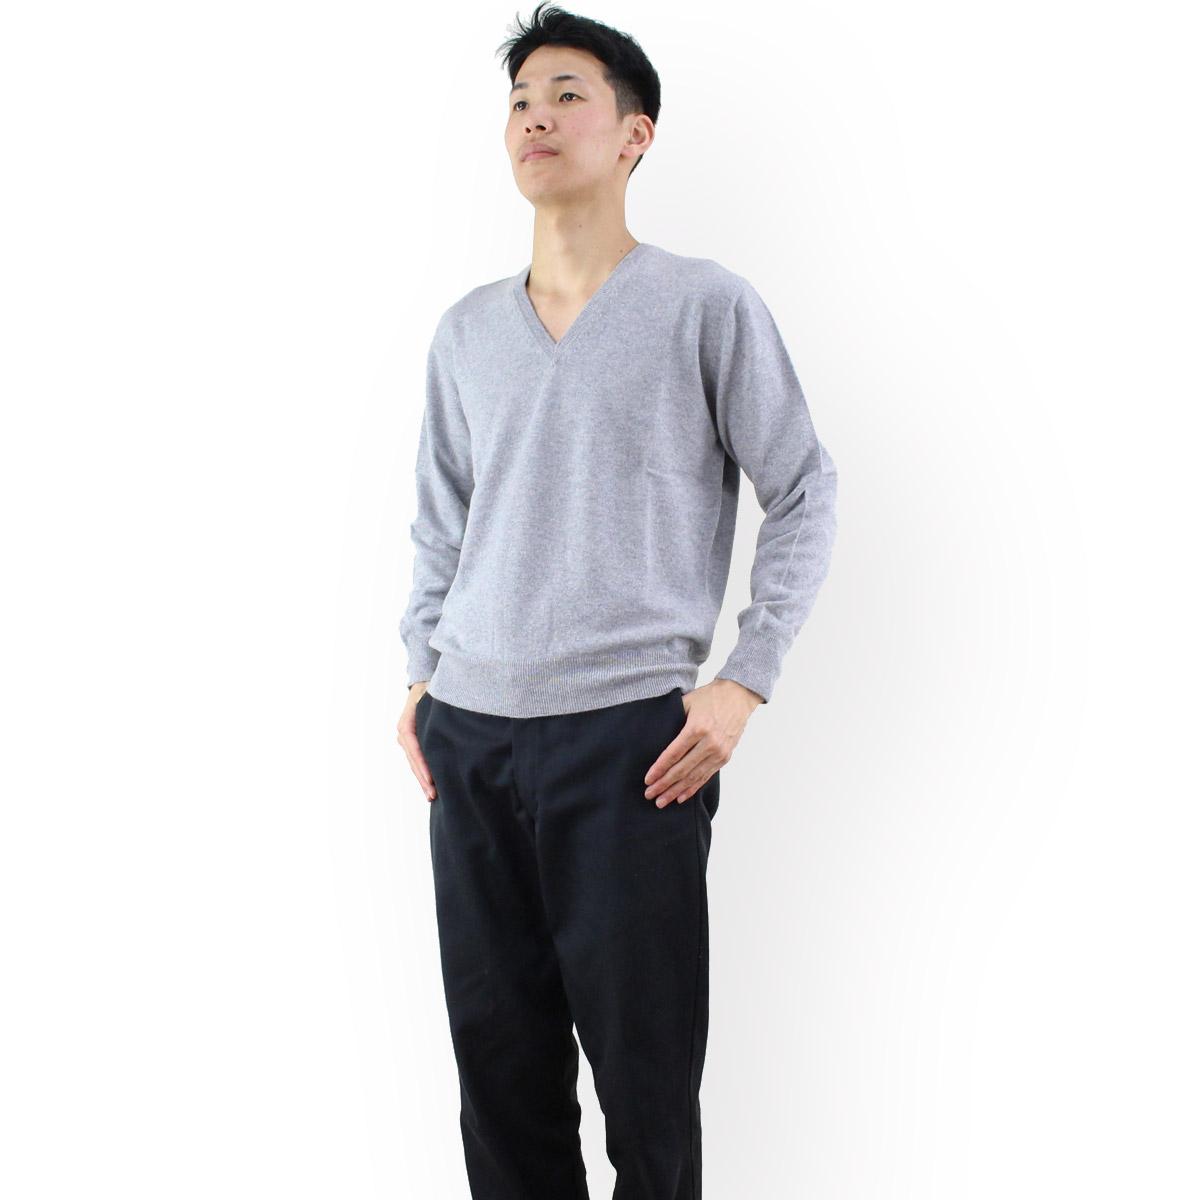 ルナリアカシミア Lunaria Cashmere Model 161 ピュアカシミアニット Vネックセーターメンズ カラー: グレー OLS-4 apparel-01